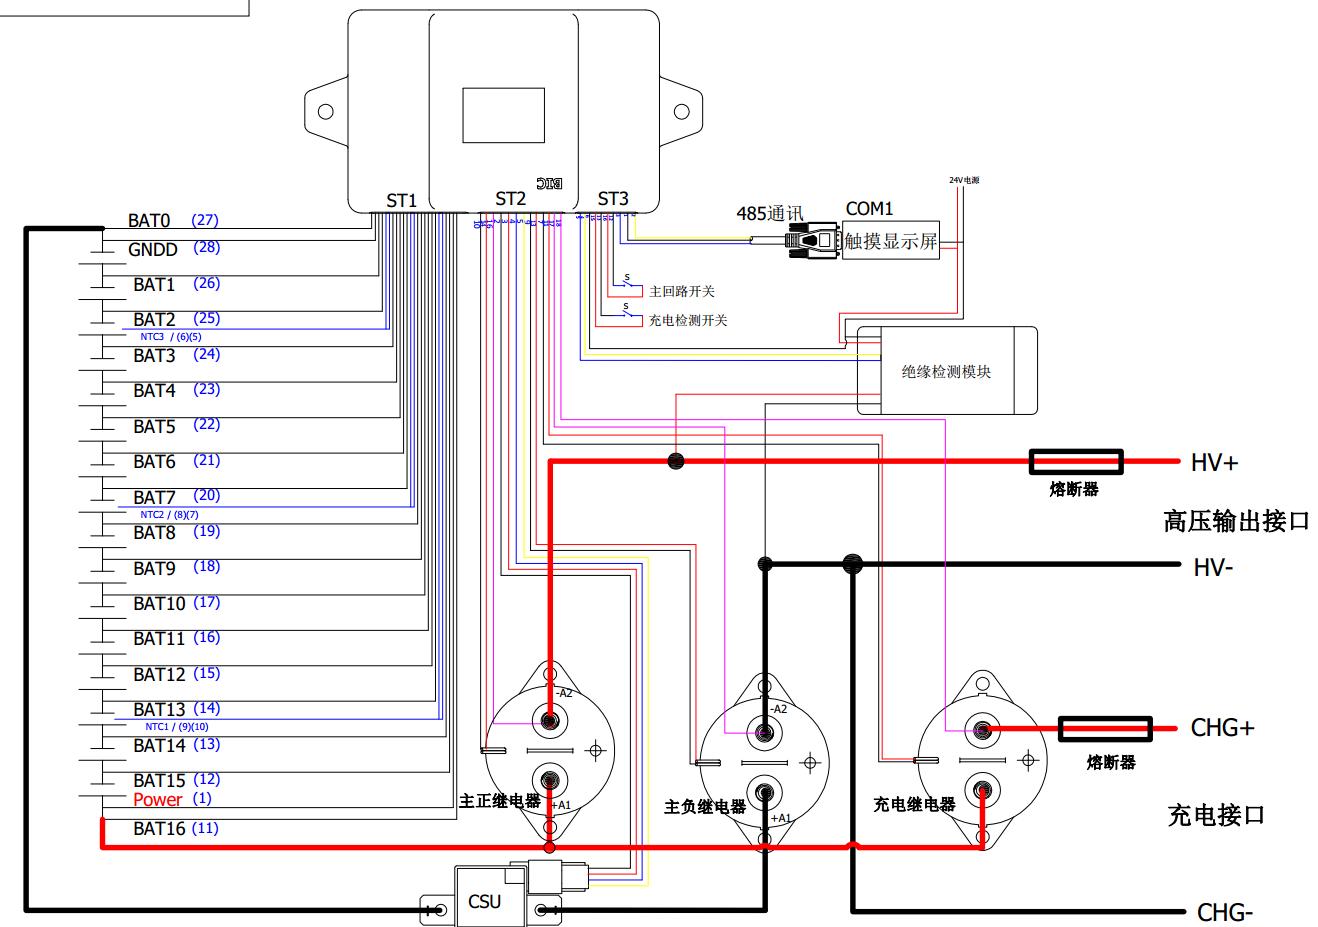 1.2 系统框图  1.3 功能 (1)CAN通信功能 BMU有1路CAN。 CAN: CAN用于BMU与CSU及整车进行通讯以及与CSU通信获取当前总电流。 (2)单体电芯电压采集 BMU通过电压采集模块对单体电芯电压进行采集。 (3)温度采集 BMU通过4路NTC温度采集模块对模组内电池的温度进行采集。 (4)电量显示 BMU通过计算后得出剩余电量,驱动LED进行显示。 (5)高低边驱动继电器/风机 BMU通过高低边驱动控制负载的上电与下电。 (6)预充模块 BMU控制负载上电时,先通过预充模块对主回